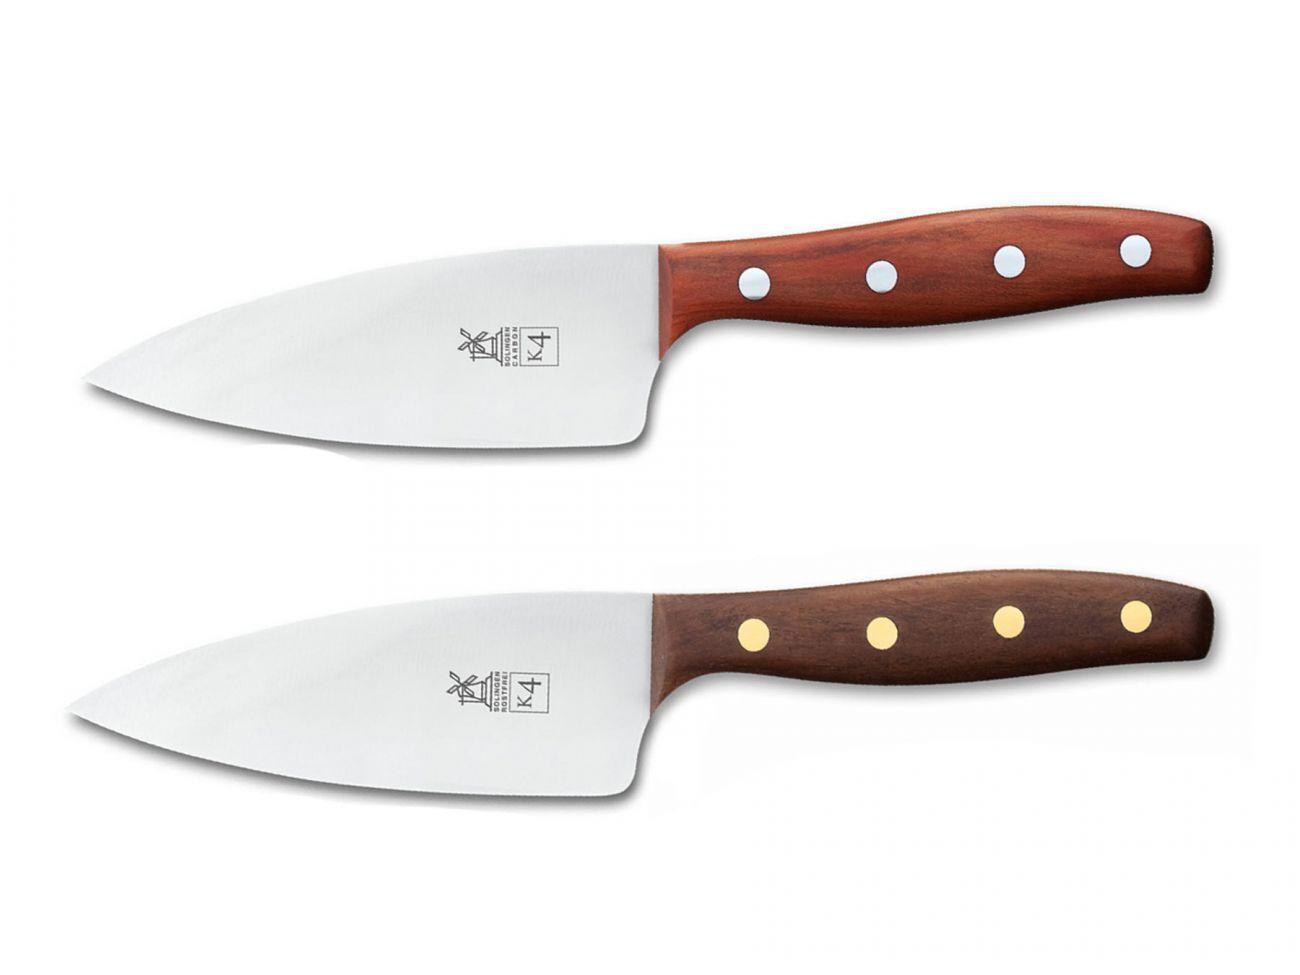 Les moulins à vent Couteau Acier k4 couteau 13 Cm Prune Noyer Robert Herder